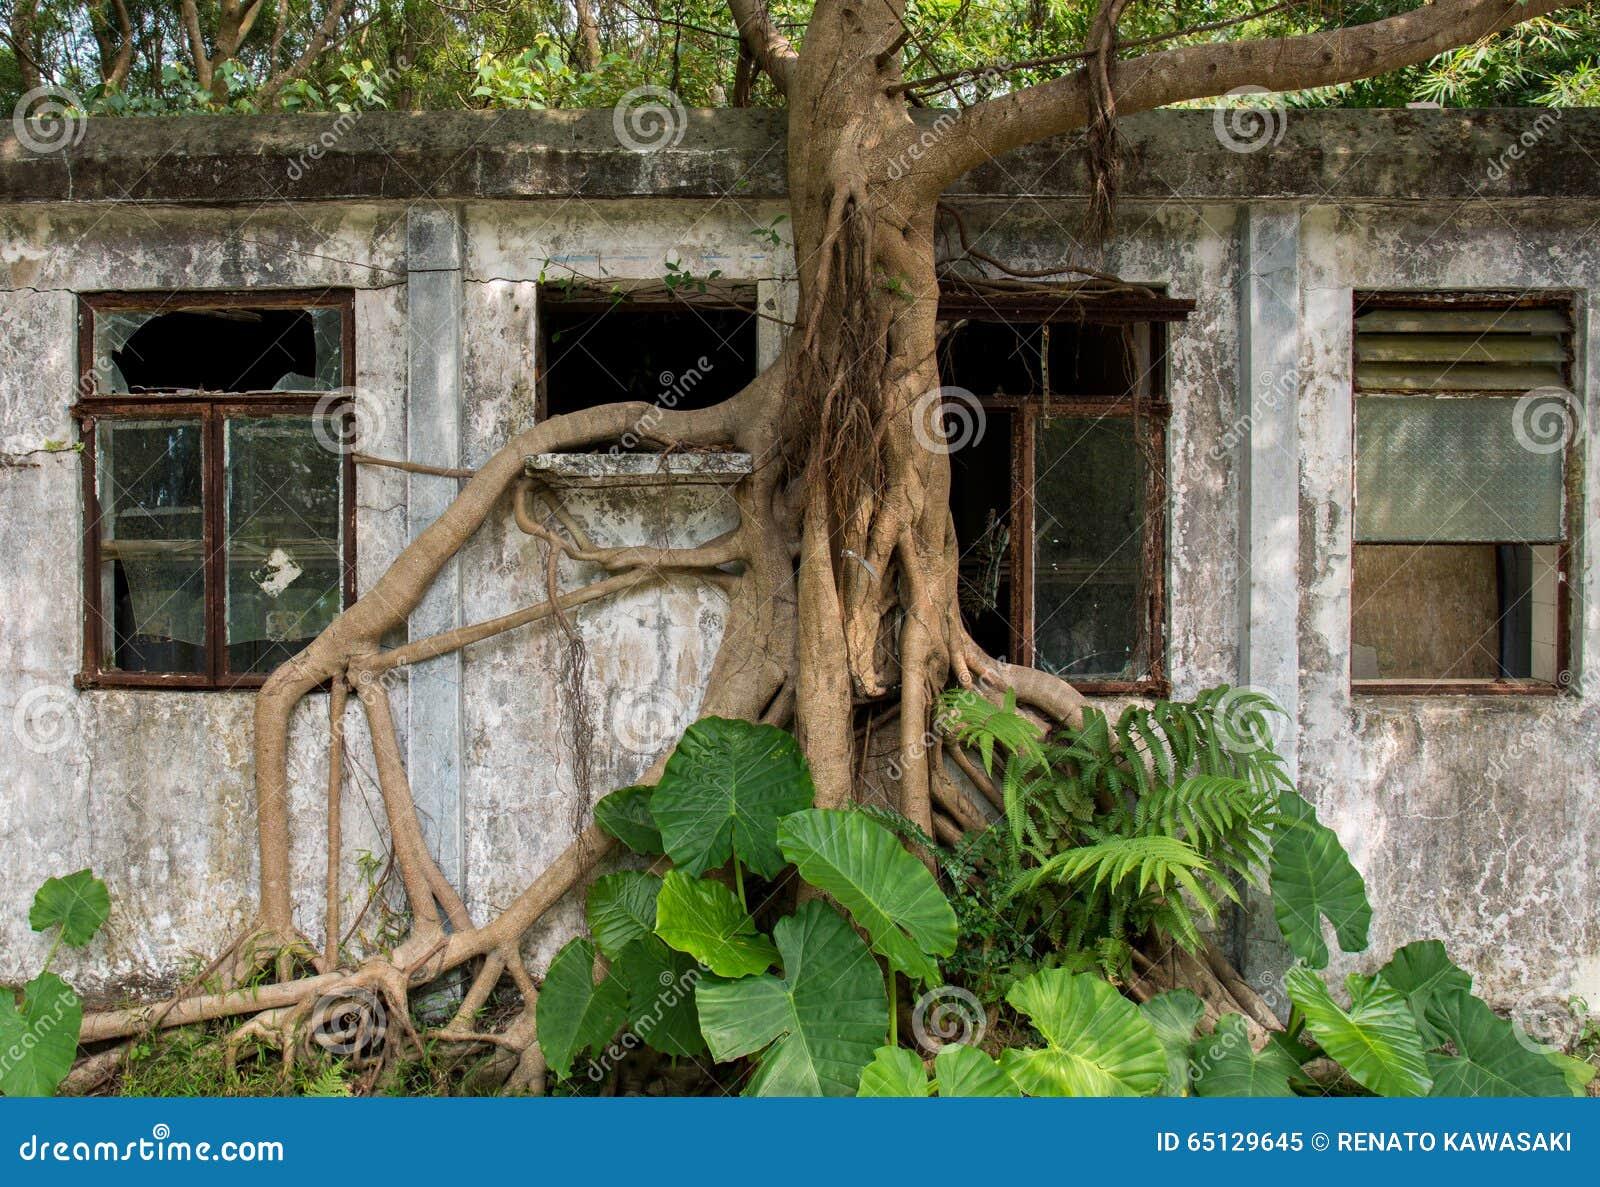 Árbol que asume el control el edificio abandonado en Hong Kong